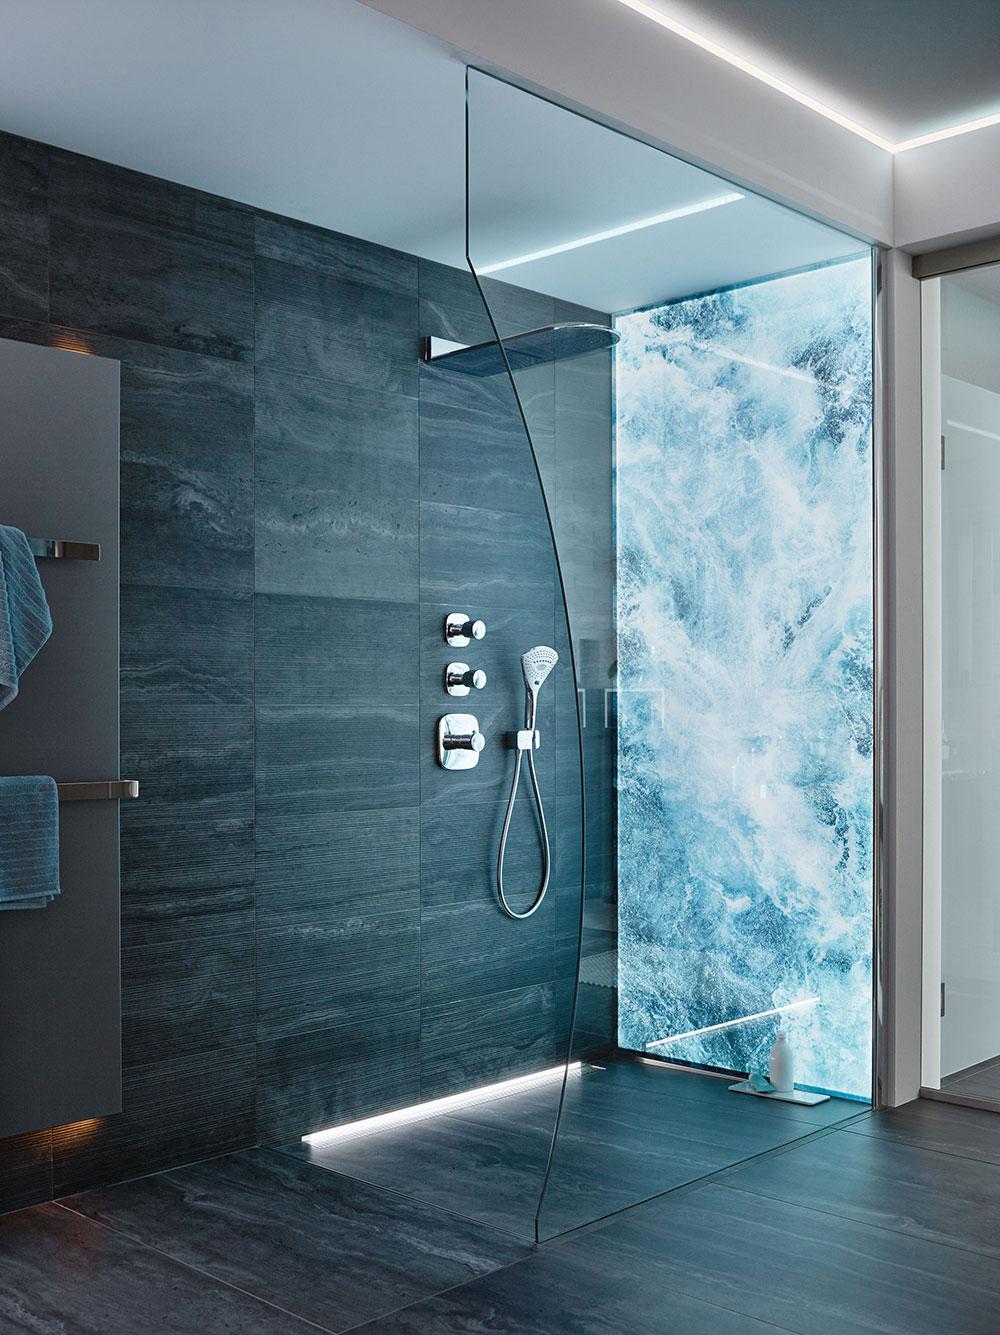 Full Size of Mosaik Fliesen Dusche Verlegen Badezimmer Mit Bodengleiche Rutschfest Reinigen Streichen In Der Platten Statt 90x90 Kaufen Badewanne Bidet Begehbare Dusche Fliesen Dusche